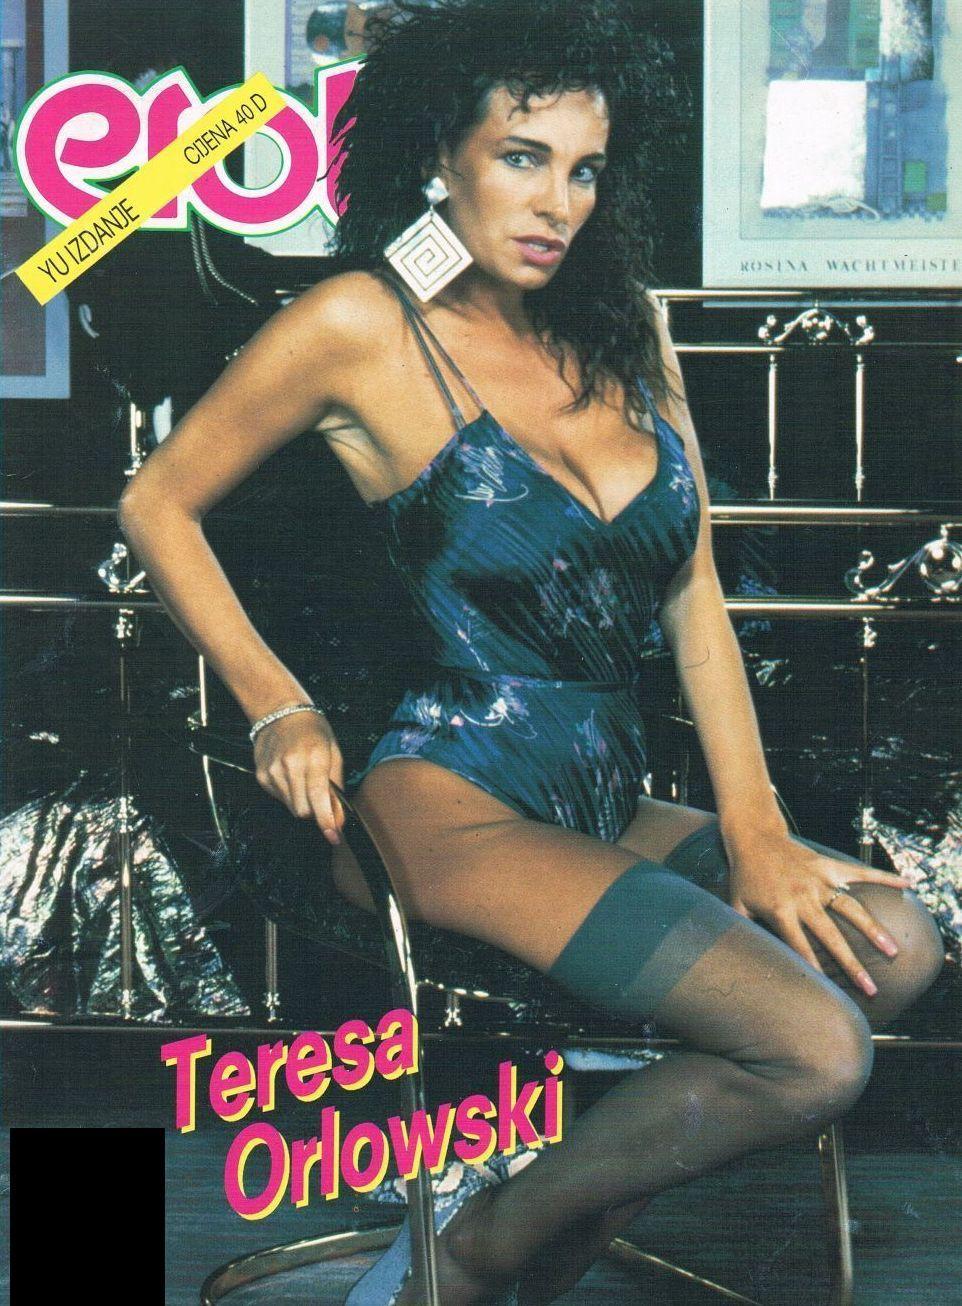 Teresa orlowski film